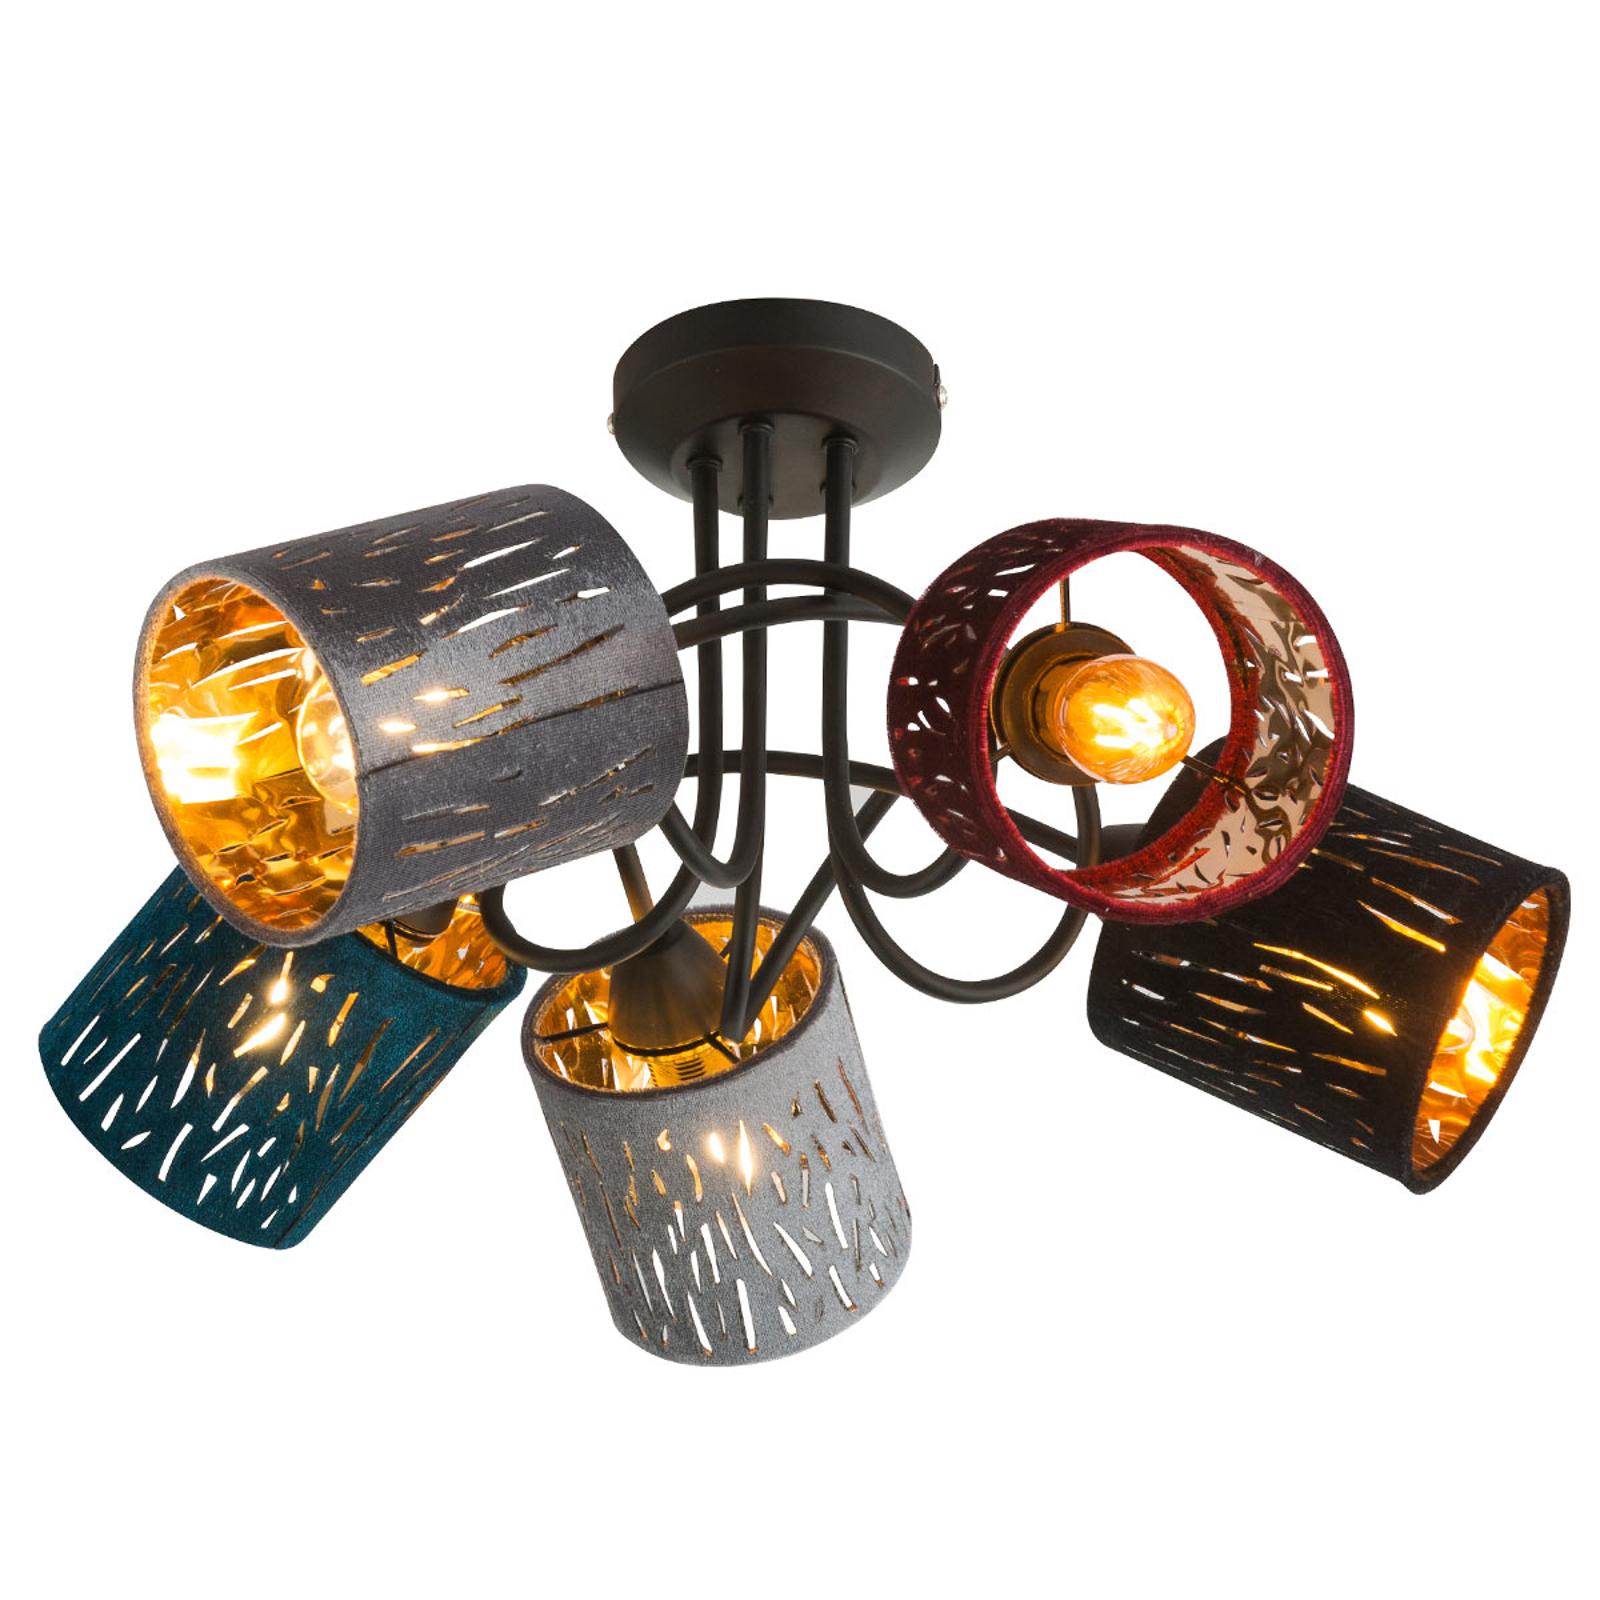 Plafonnier Ticon à cinq lampes au look moderne.